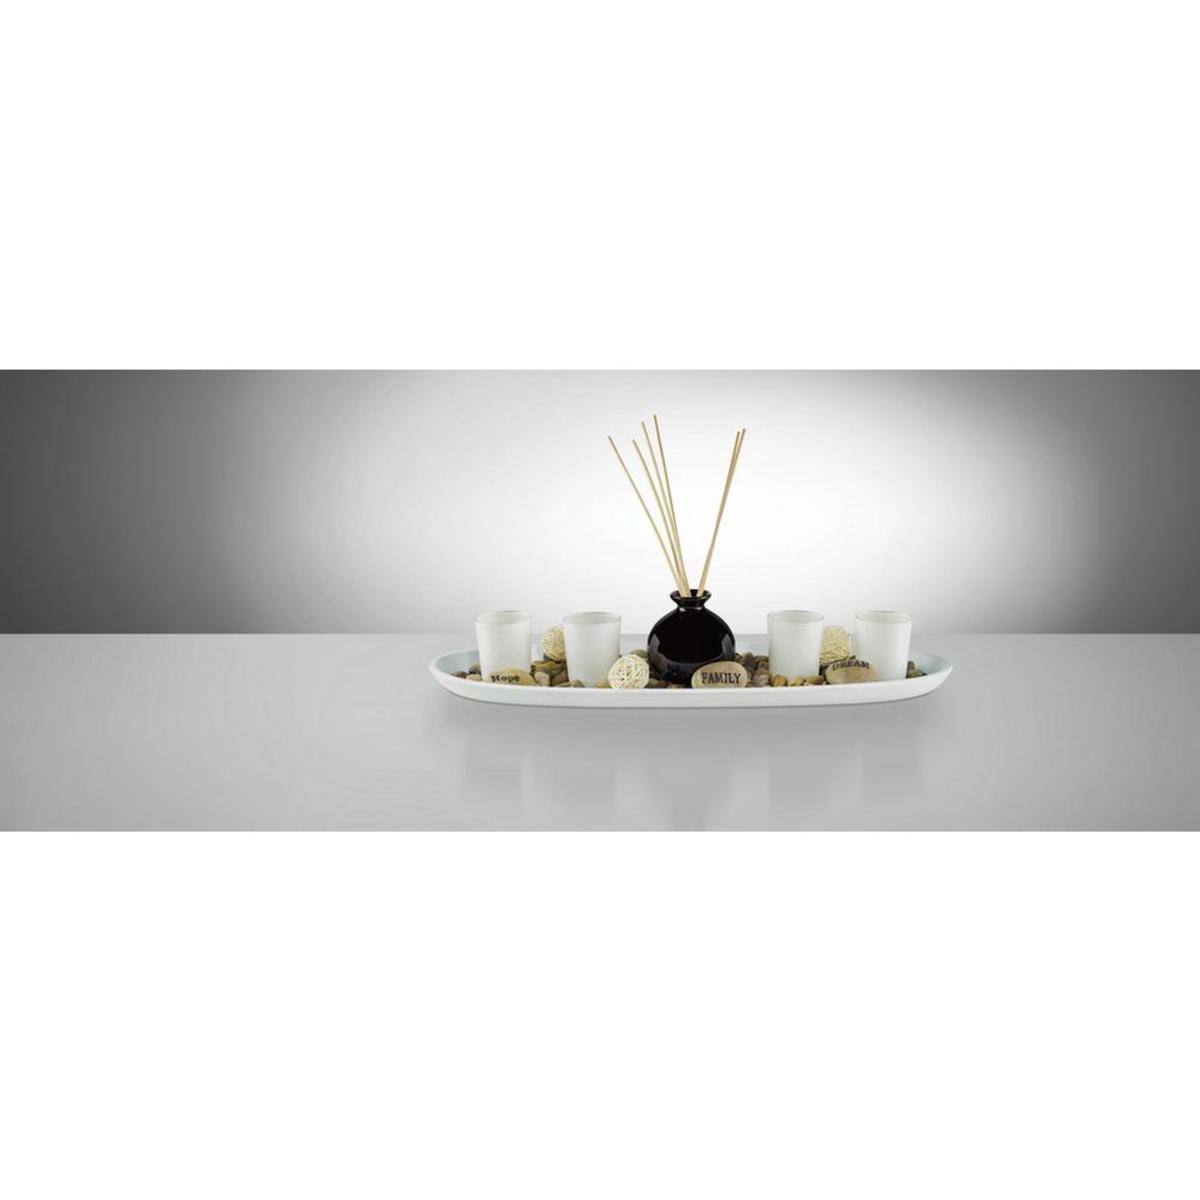 Bild 2 von Teelichtschale Evelin in Natur/Schwarz/Weiß